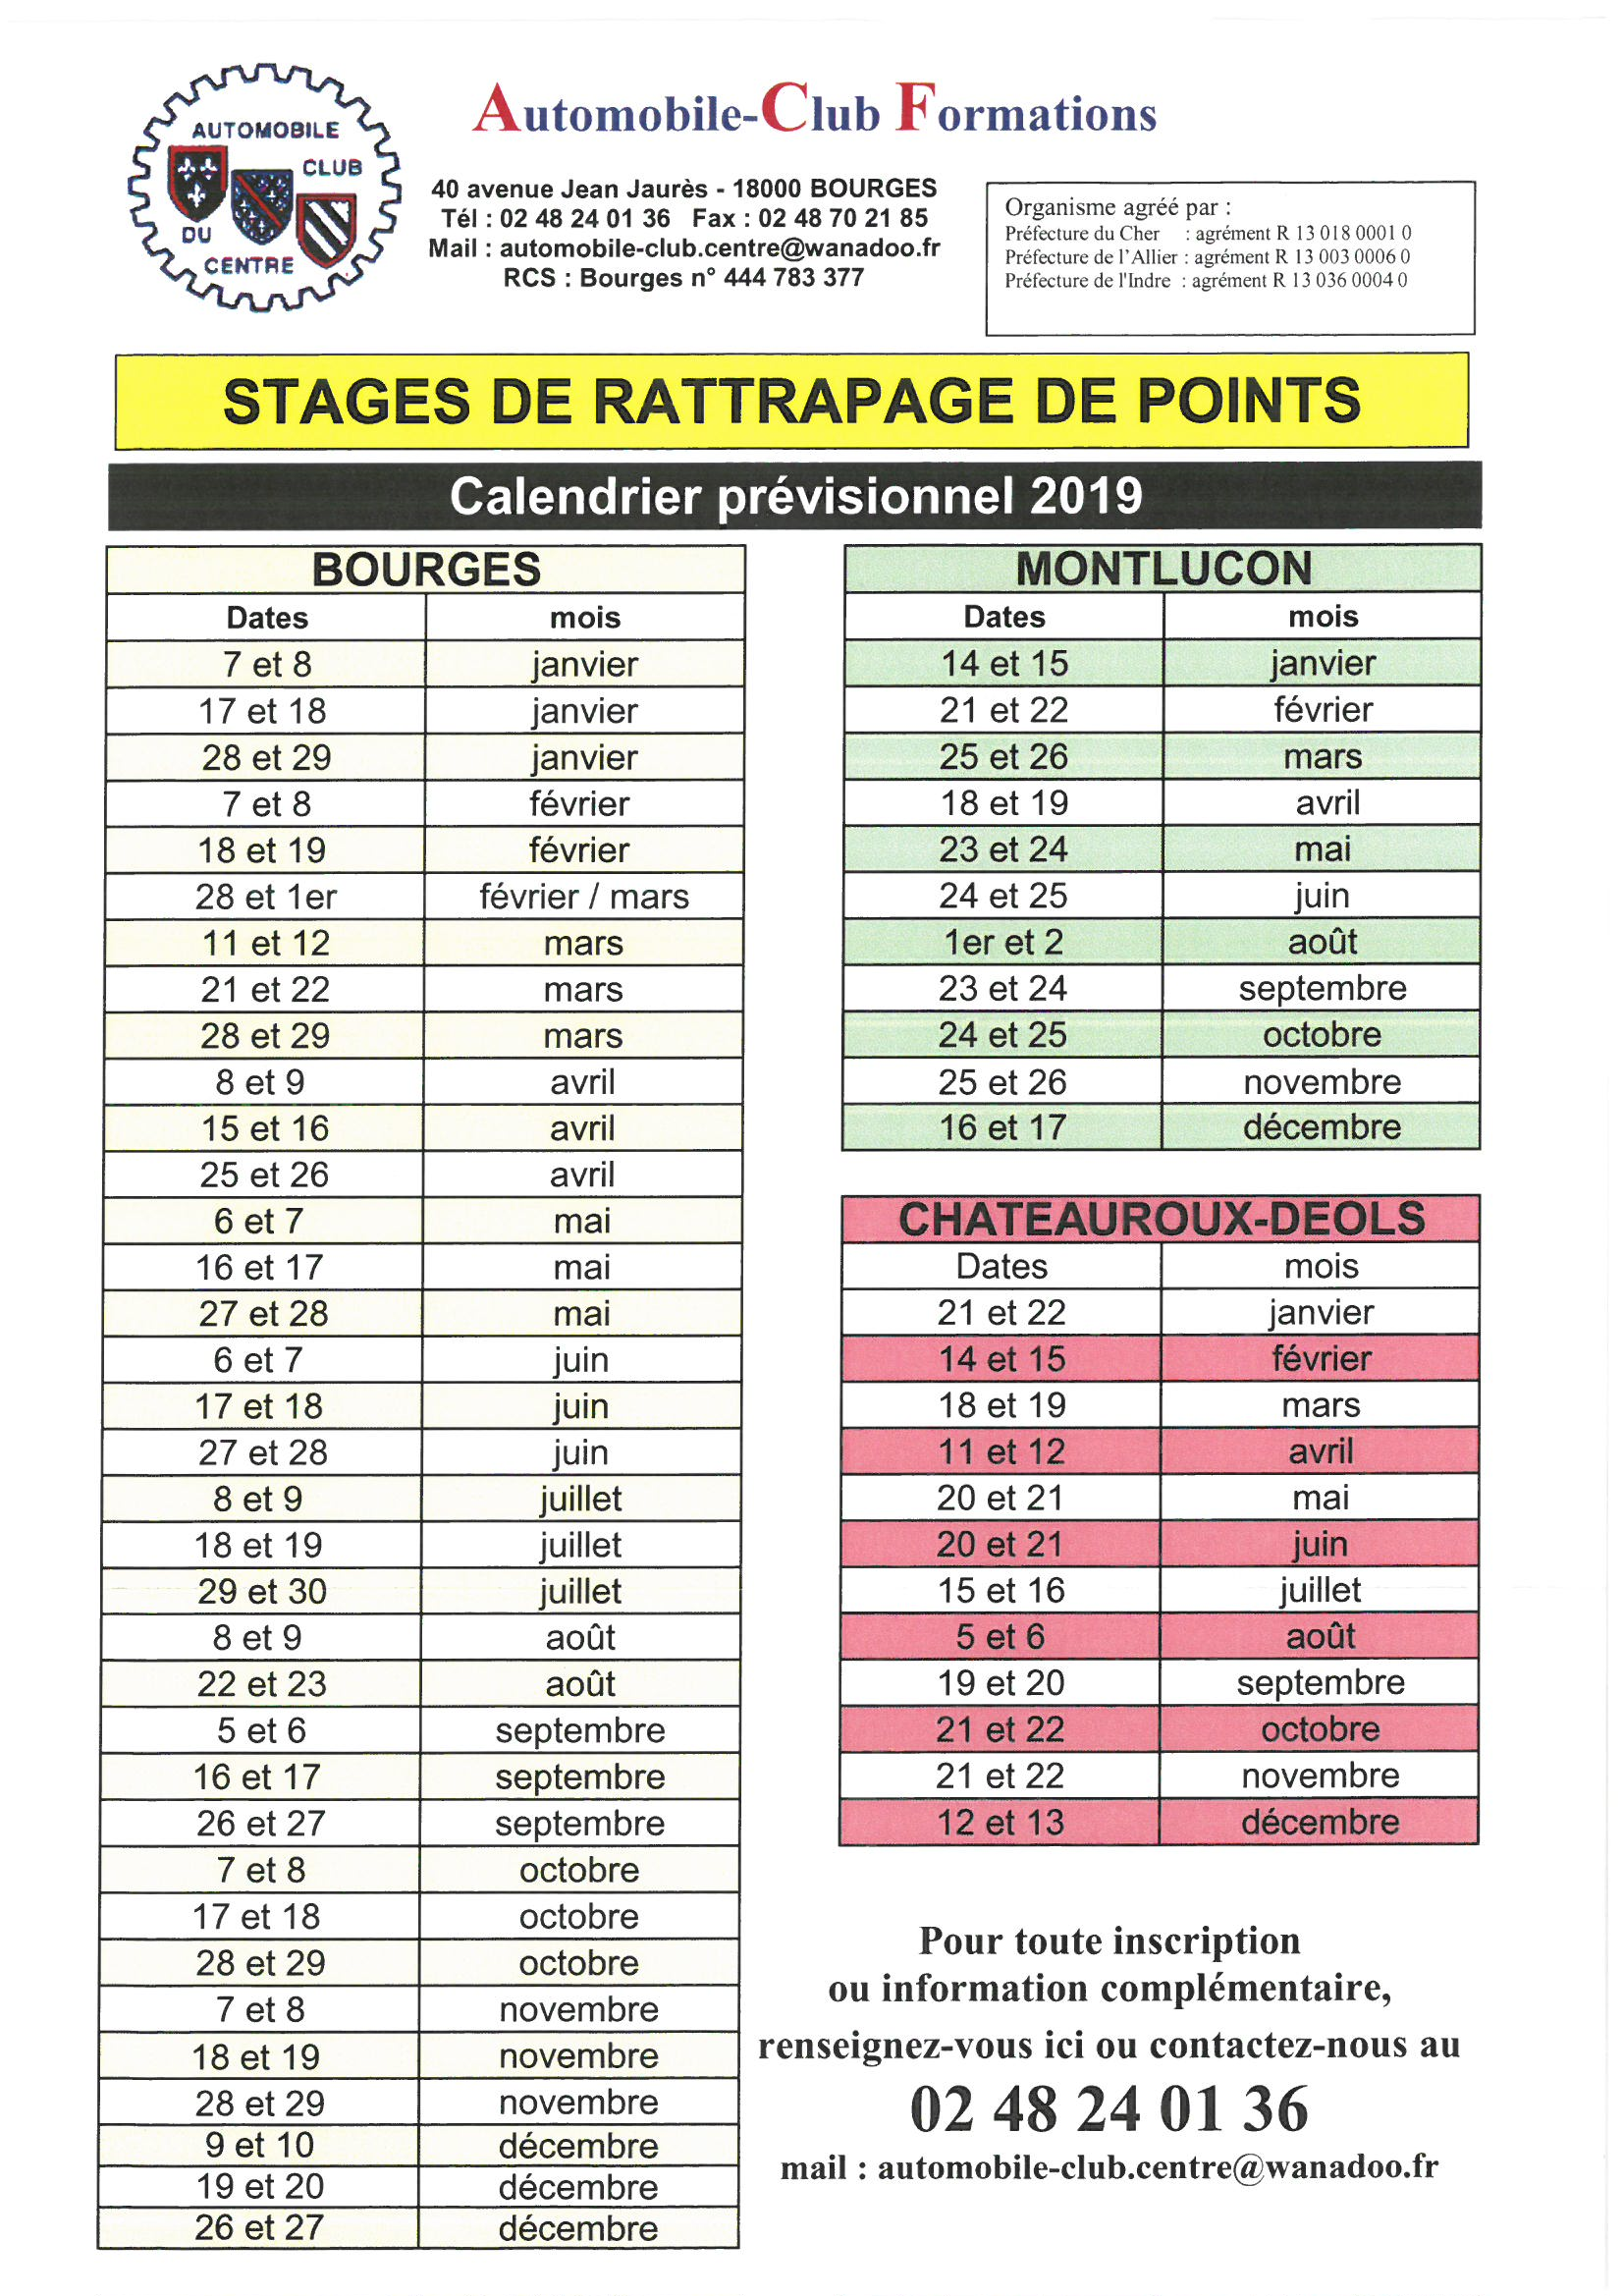 Calendrier Avril Mai Juin 2019.Calendrier Previsionnel 2019 Rattrapage De Pointscalendrier